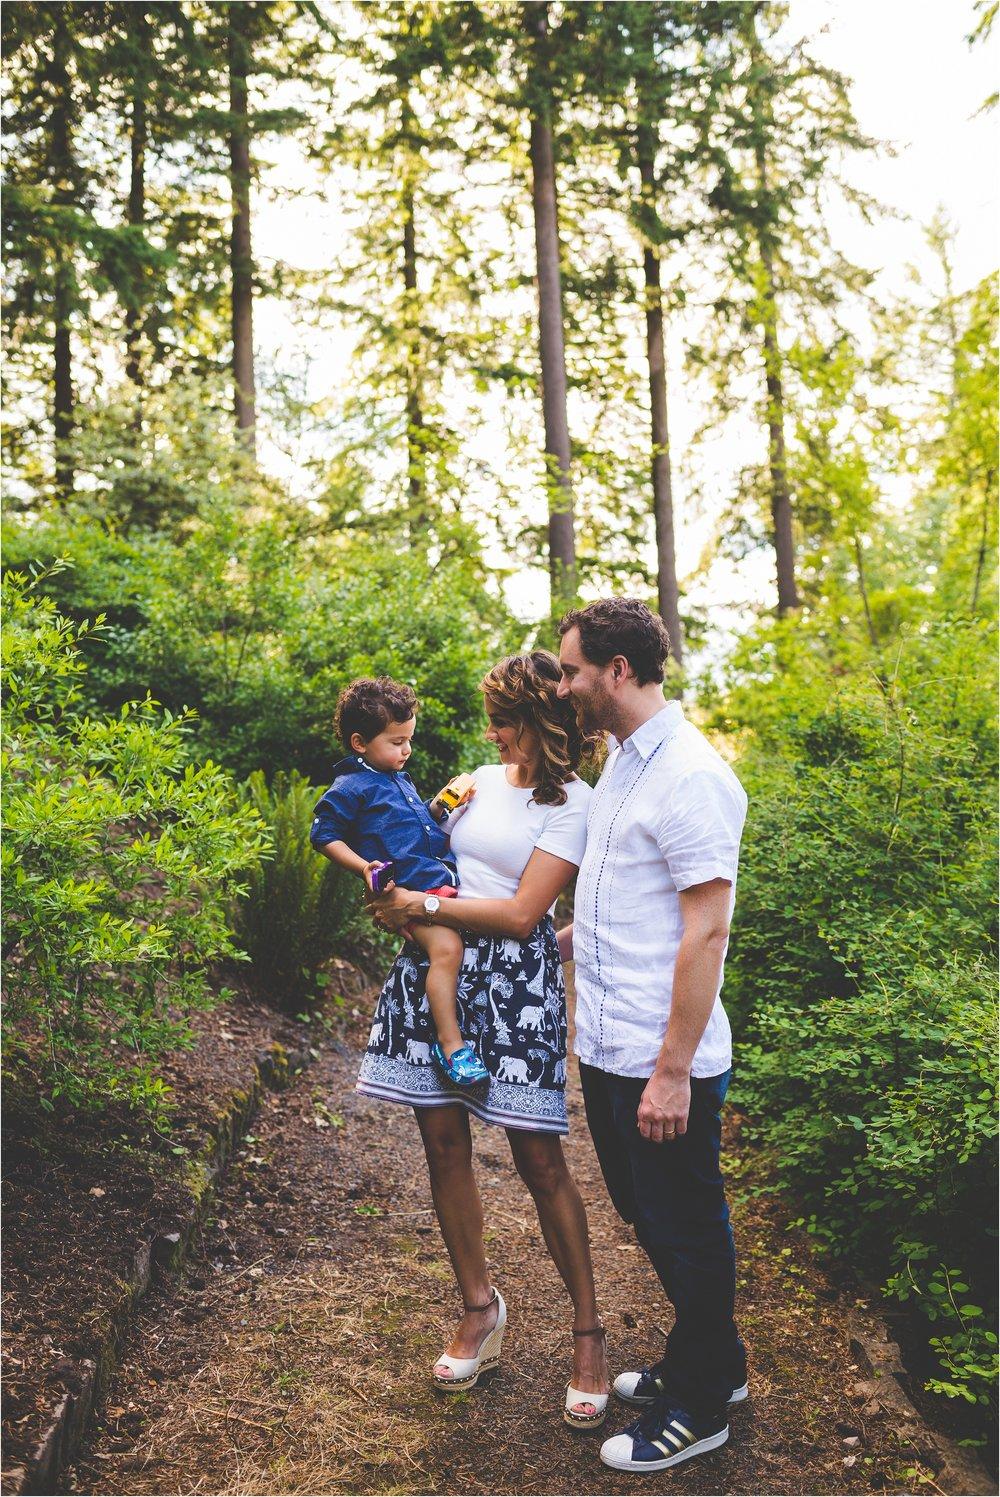 hoyt-arboretum-family-session-jannicka-mayte-portland-oregon-family-photographer_0004.jpg